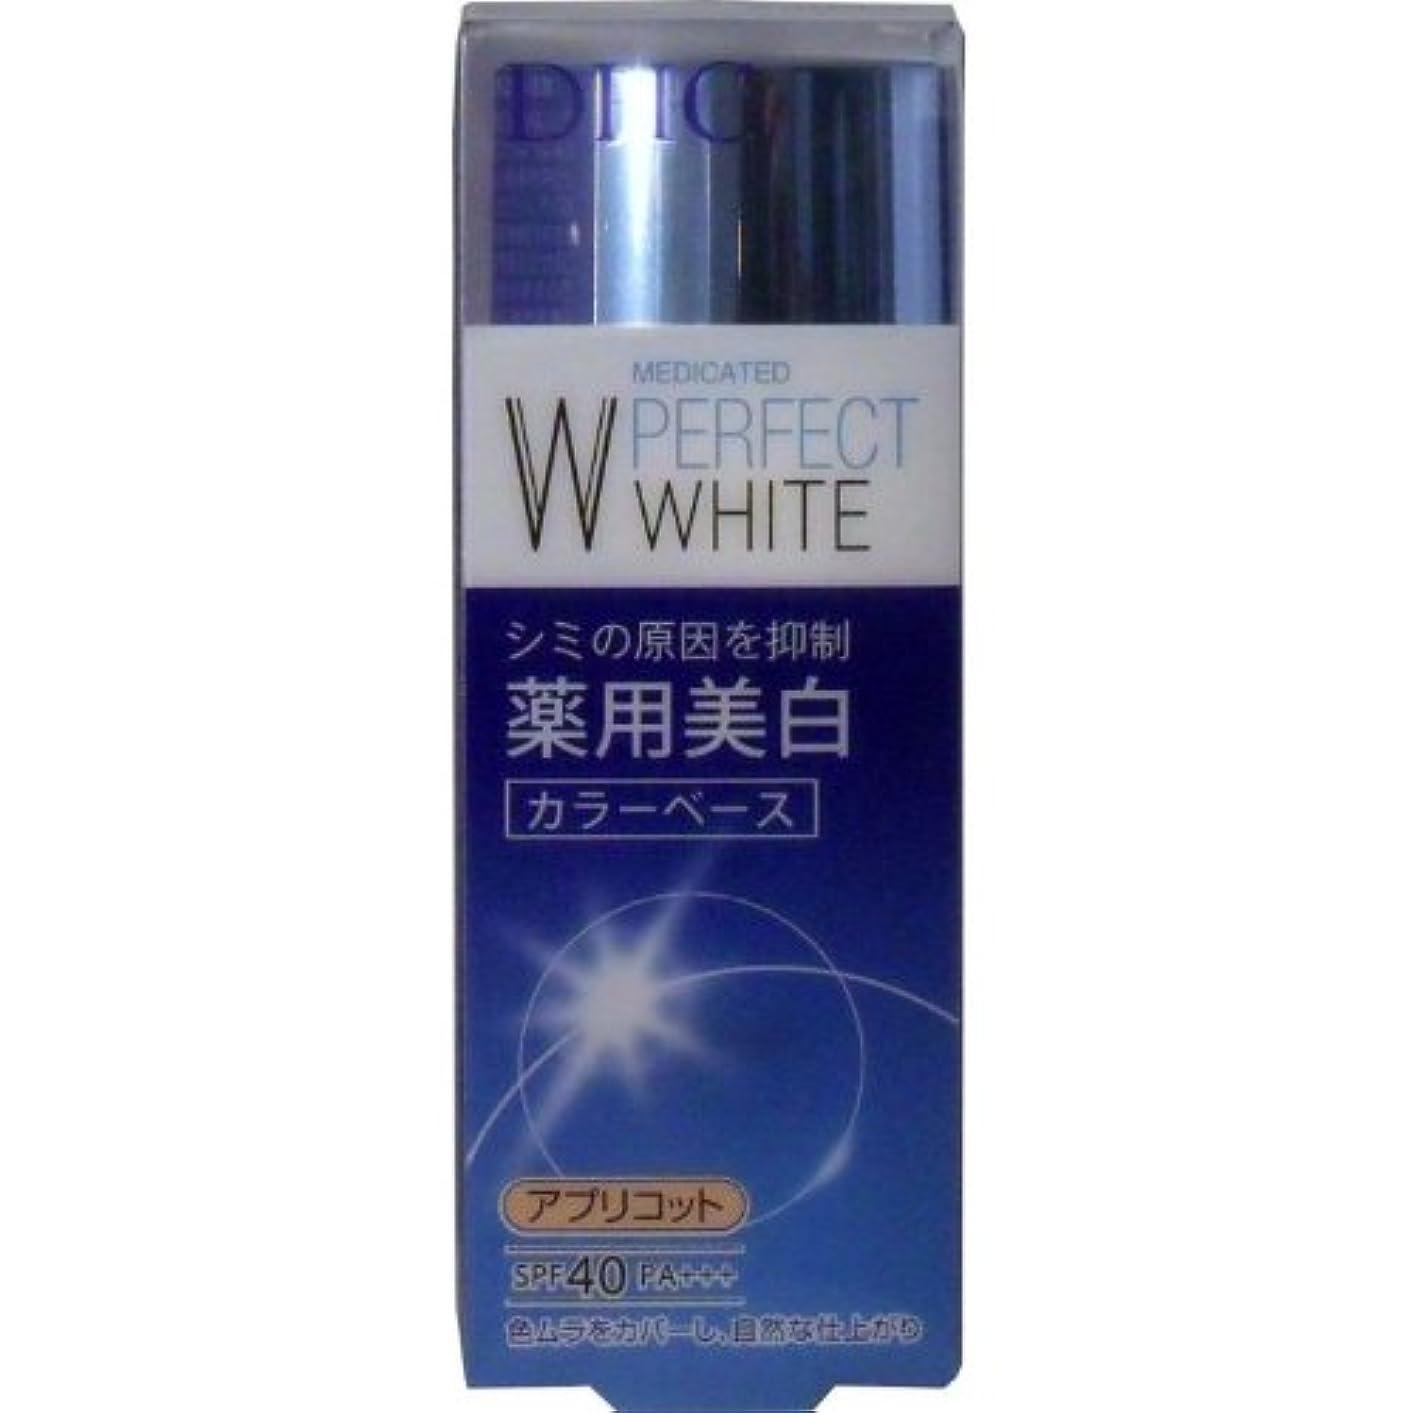 開梱反毒比べるDHC 薬用美白パーフェクトホワイト カラーベース アプリコット 30g